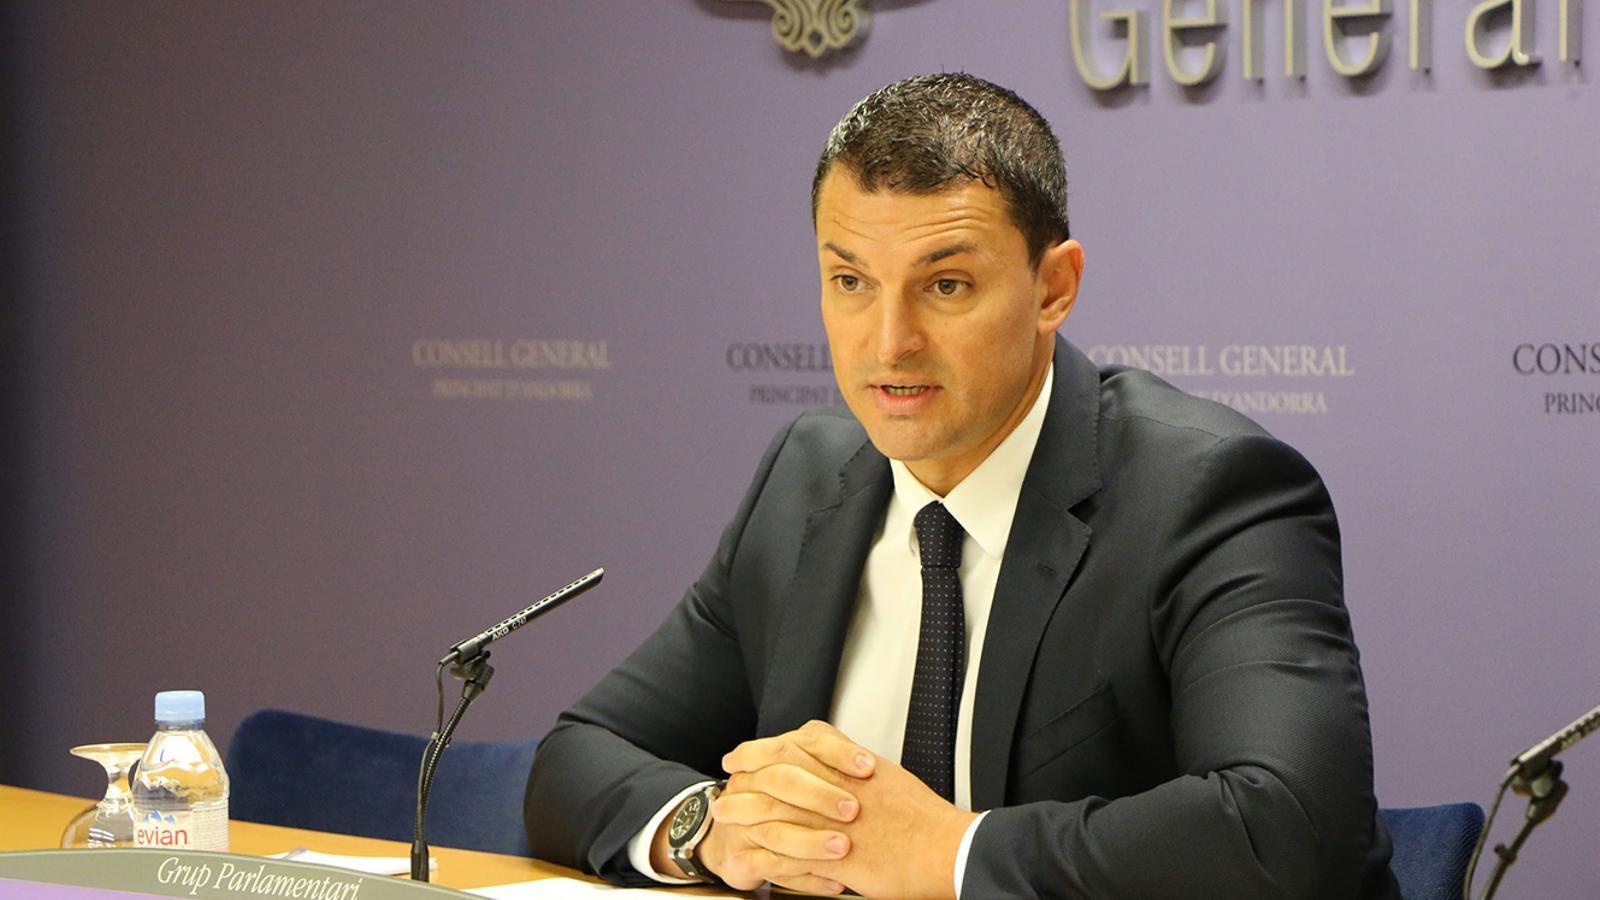 El màxim responsable del Grup Parlamentari Liberal, Jordi Gallardo durant la roda de premsa d'aquest dilluns. / LIBERALS D'ANDORRA